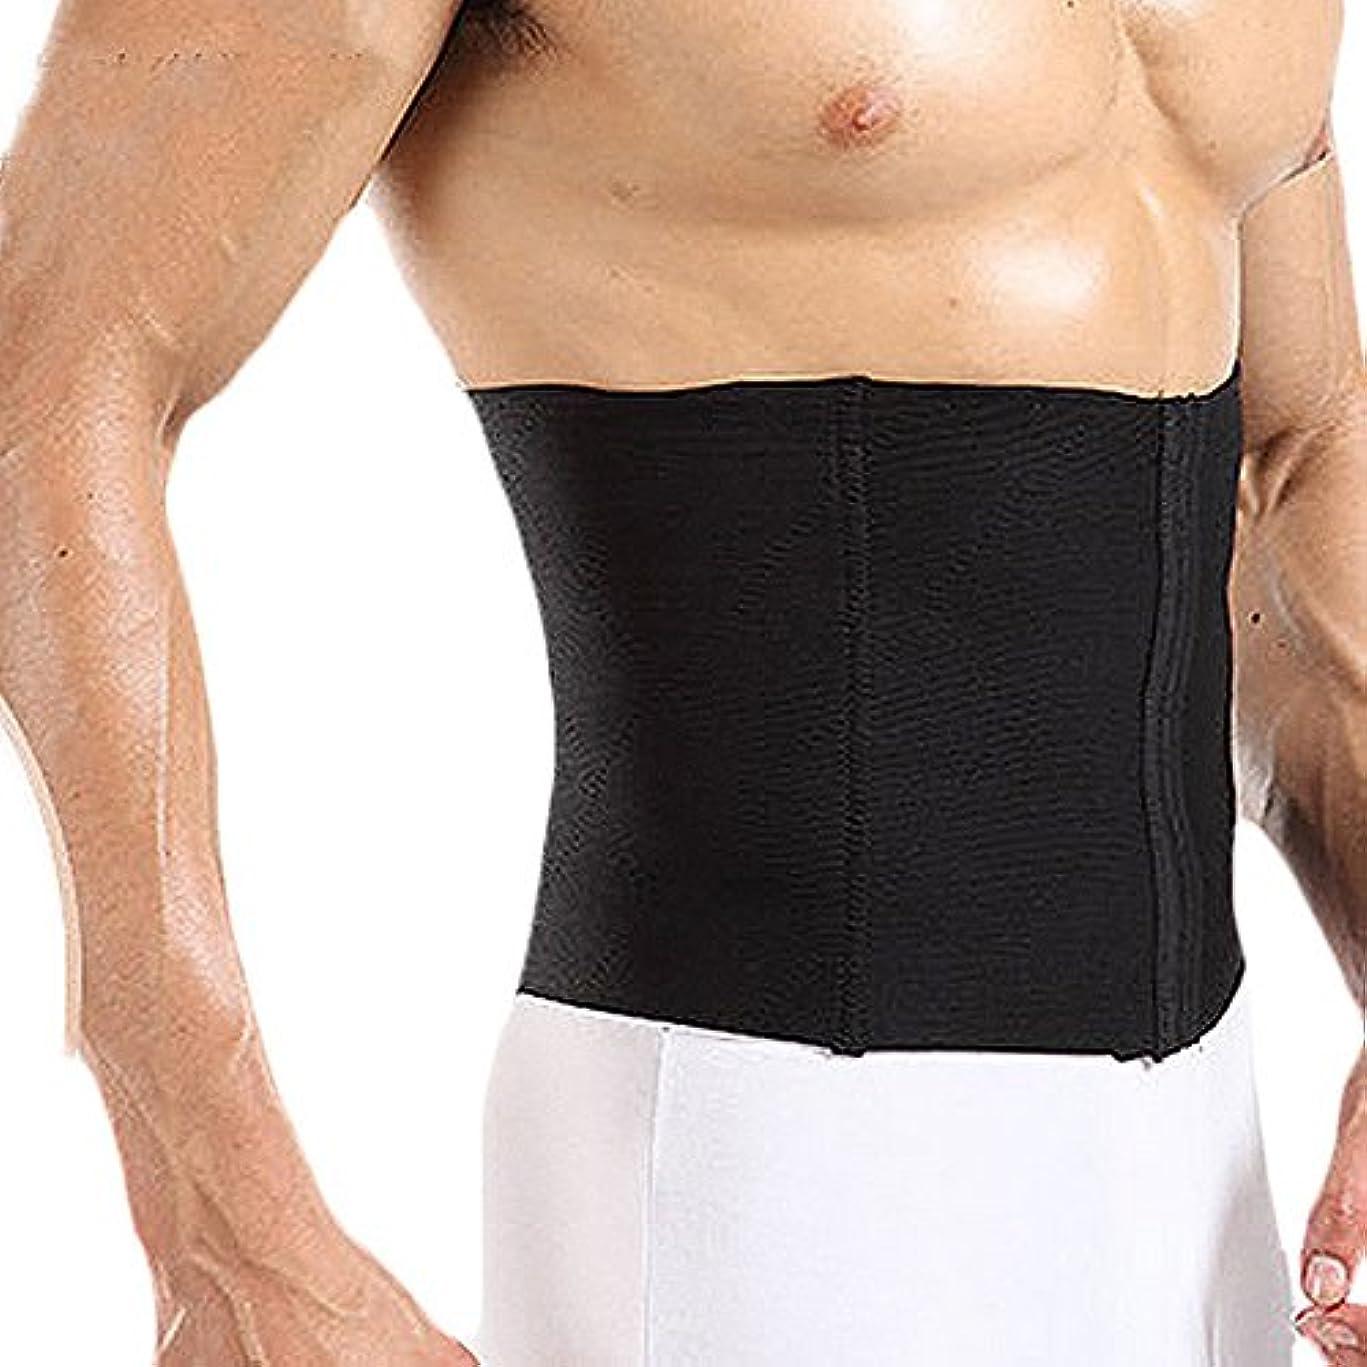 温帯テニスマラウイSmato ウエストニッパー 腰用 コルセット ウエスト サポーター 産後 加圧 腹巻 ダイエット マタニティ お腹 引き締め くびれ 腰椎 腰痛ベルト 腰痛対策 骨盤矯正 男女兼用 (XL, ブラック)